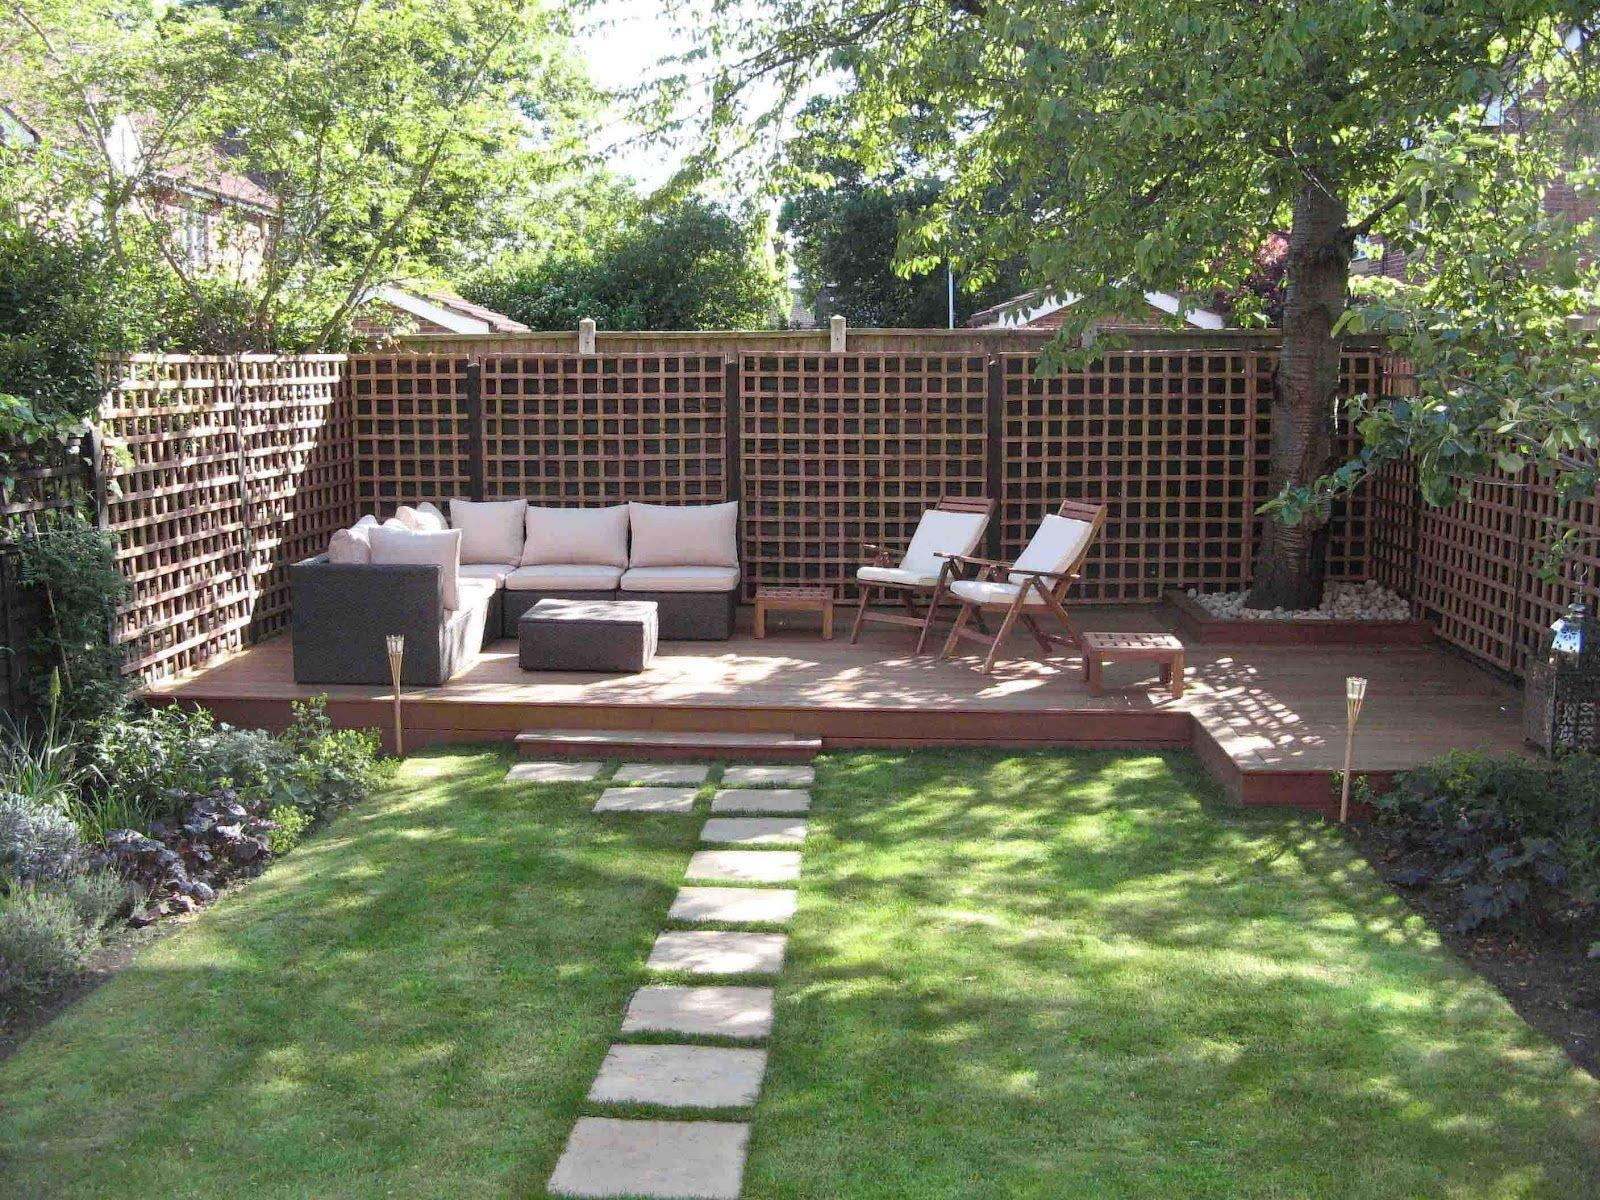 idee e soluzioni aiuole terrazzi e giardini | giardino | pinterest ... - Soluzioni Per Esterni Giardini